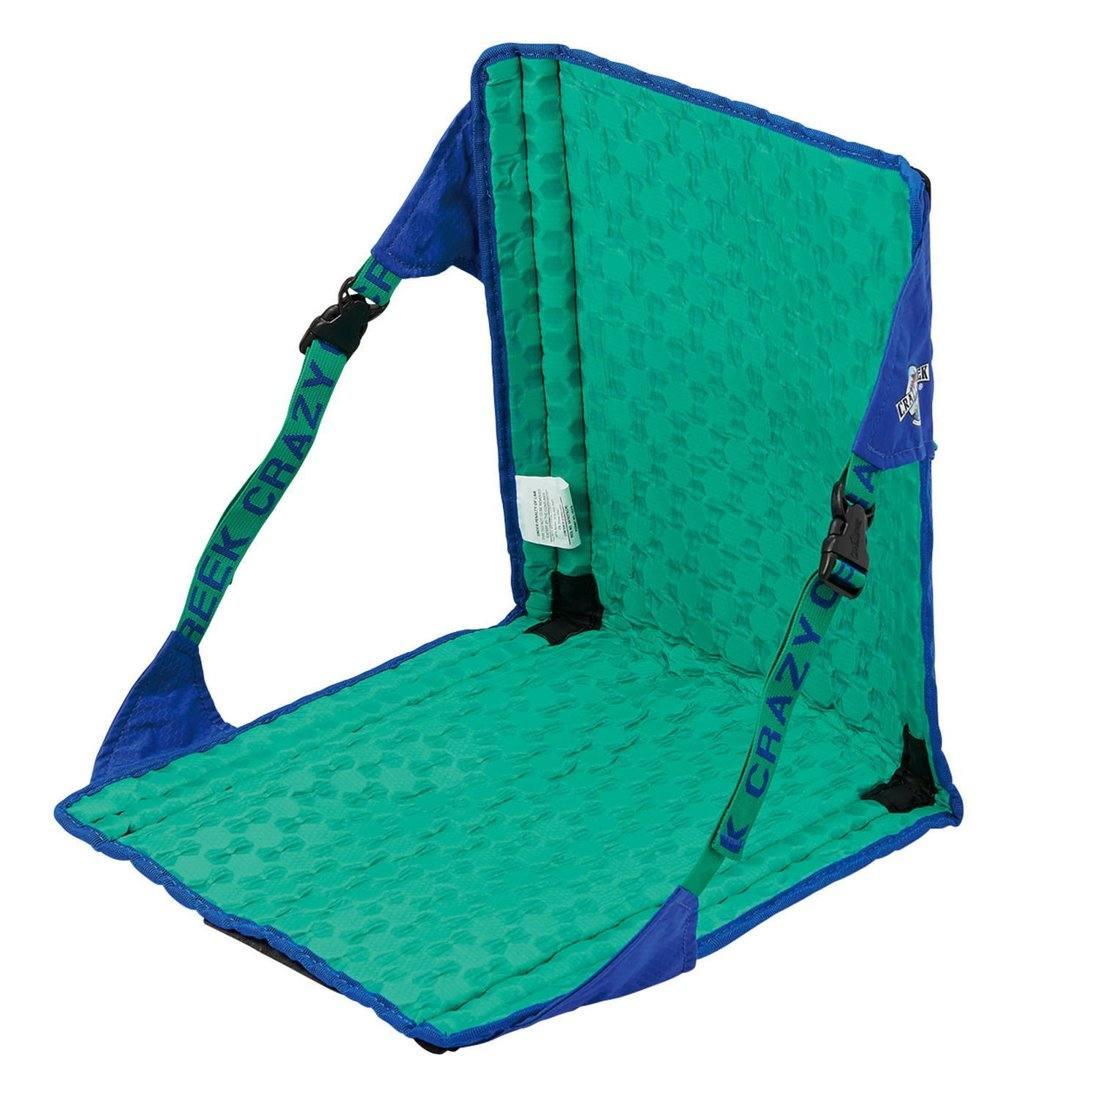 クレイジークリーク HEX2 オリジナルチェア コンパクト 折りたたみ椅子シート 折りたたみチェア  国内正規品